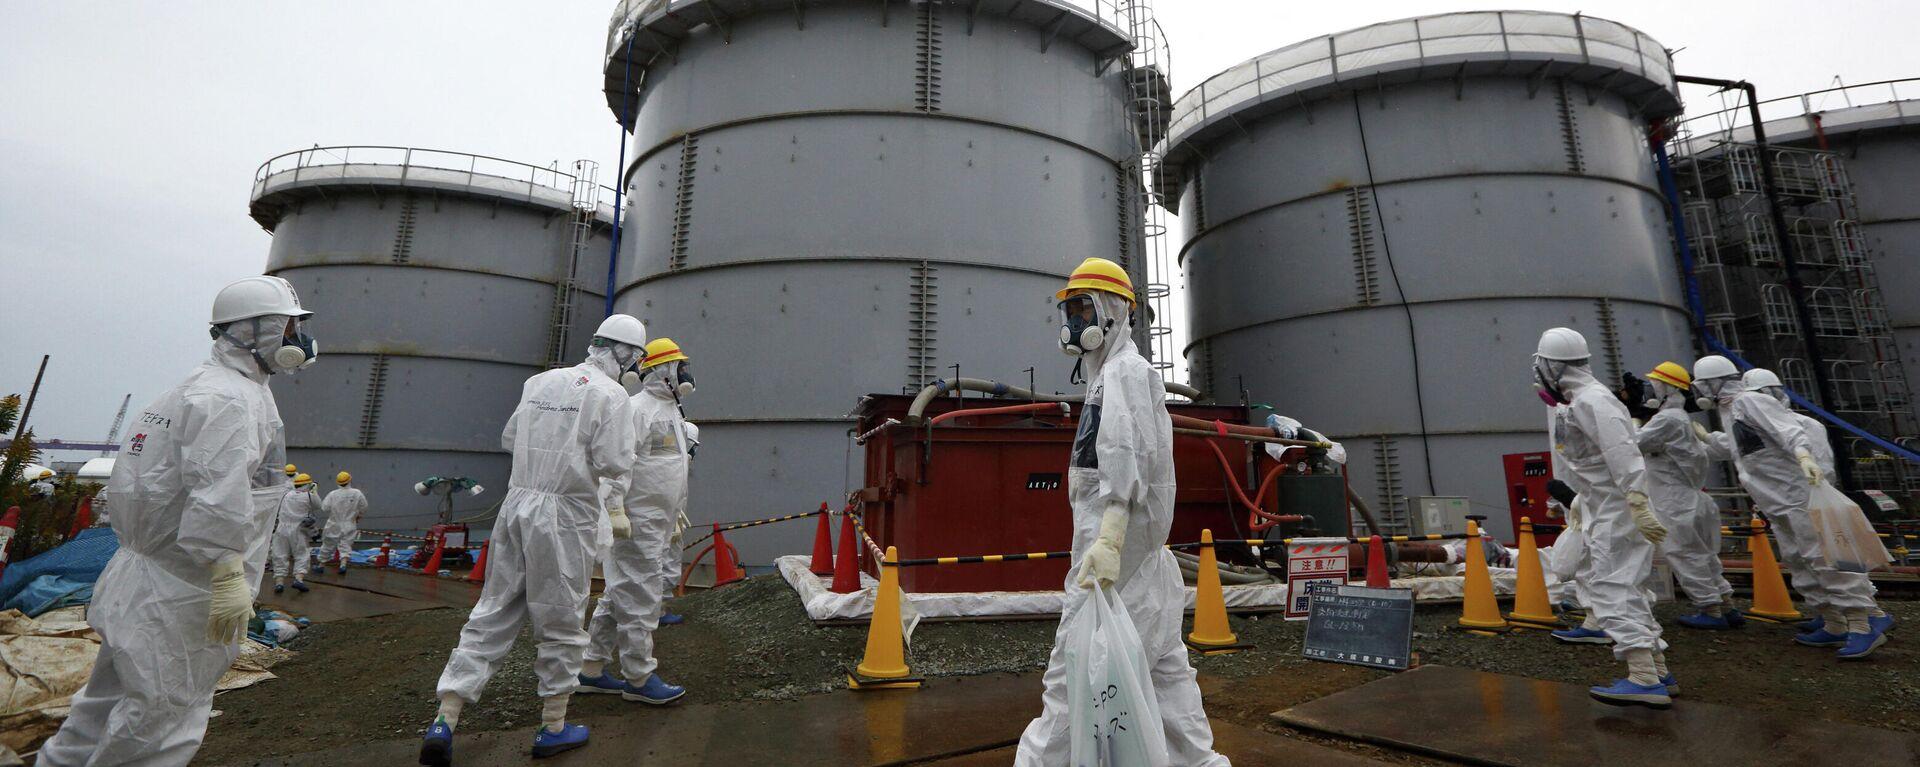 Сотрудники АЭС Фокусима в защитных костюмах и масках проходят мимо резервуаров для хранения радиоактивной воды в зоне H4 на атомной электростанции Фукусима - Sputnik Таджикистан, 1920, 25.06.2021